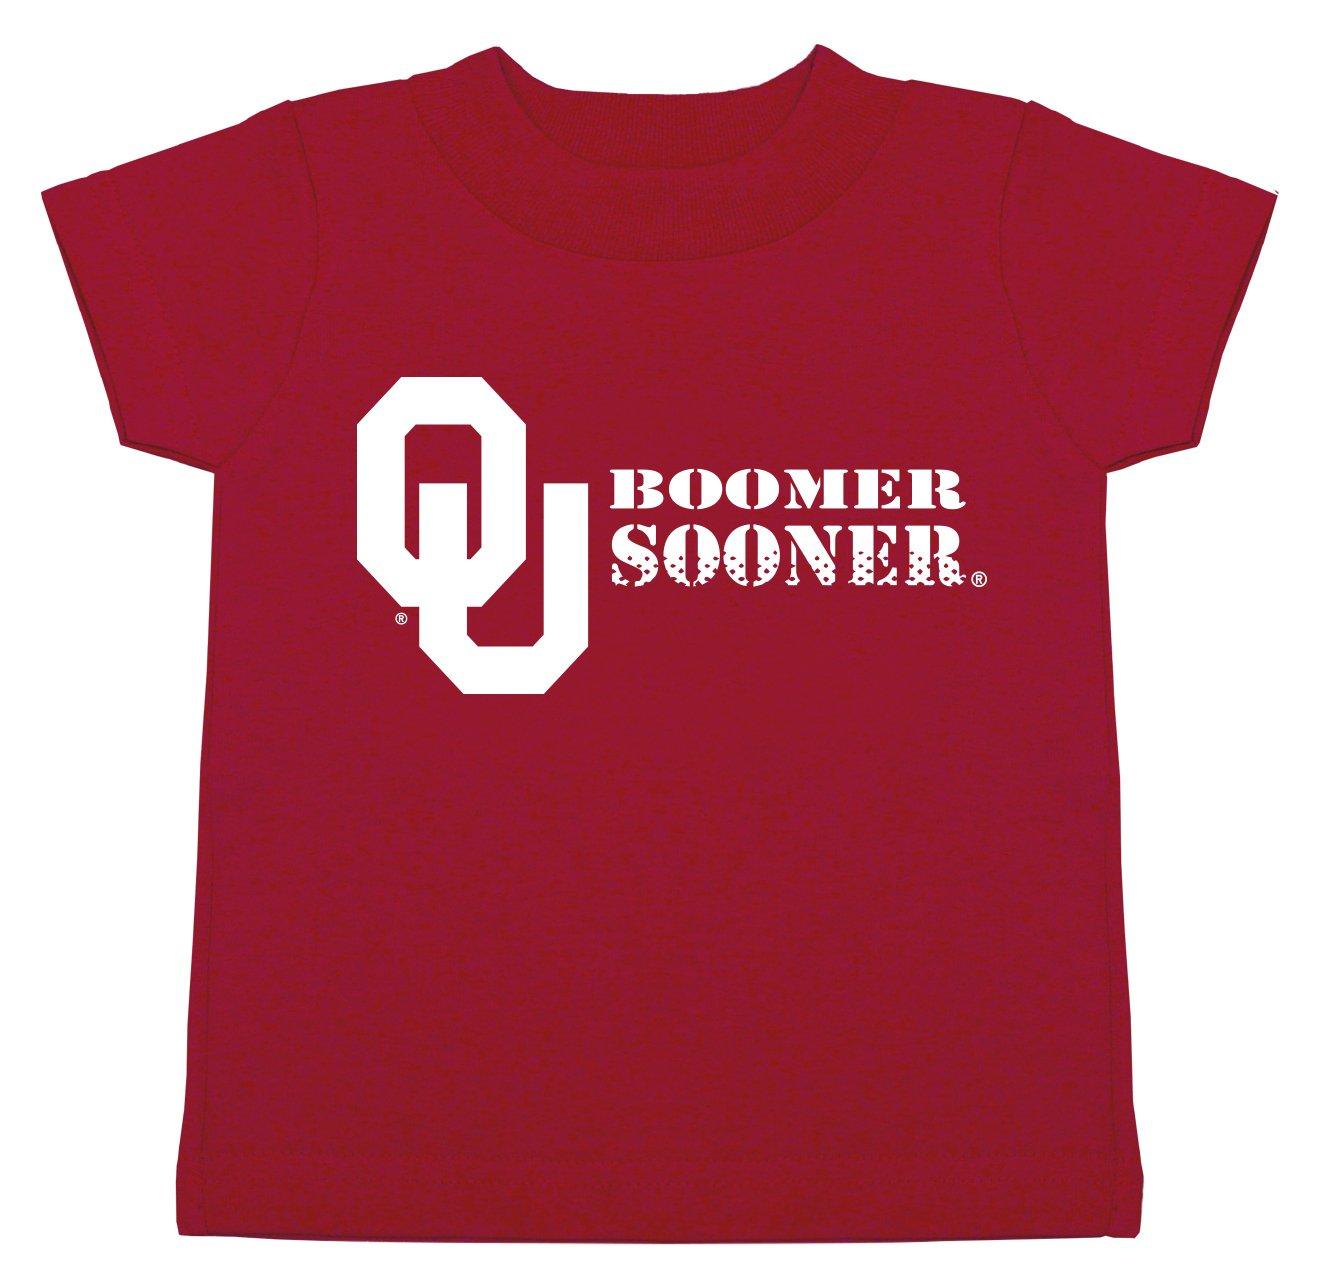 限定版 NCAA Oklahoma Oklahoma Sooners子供男女兼用半袖Tシャツ、6ヶ月、クリムゾン B01NBJEH0S NCAA B01NBJEH0S, 三好佛具店:454348cf --- a0267596.xsph.ru